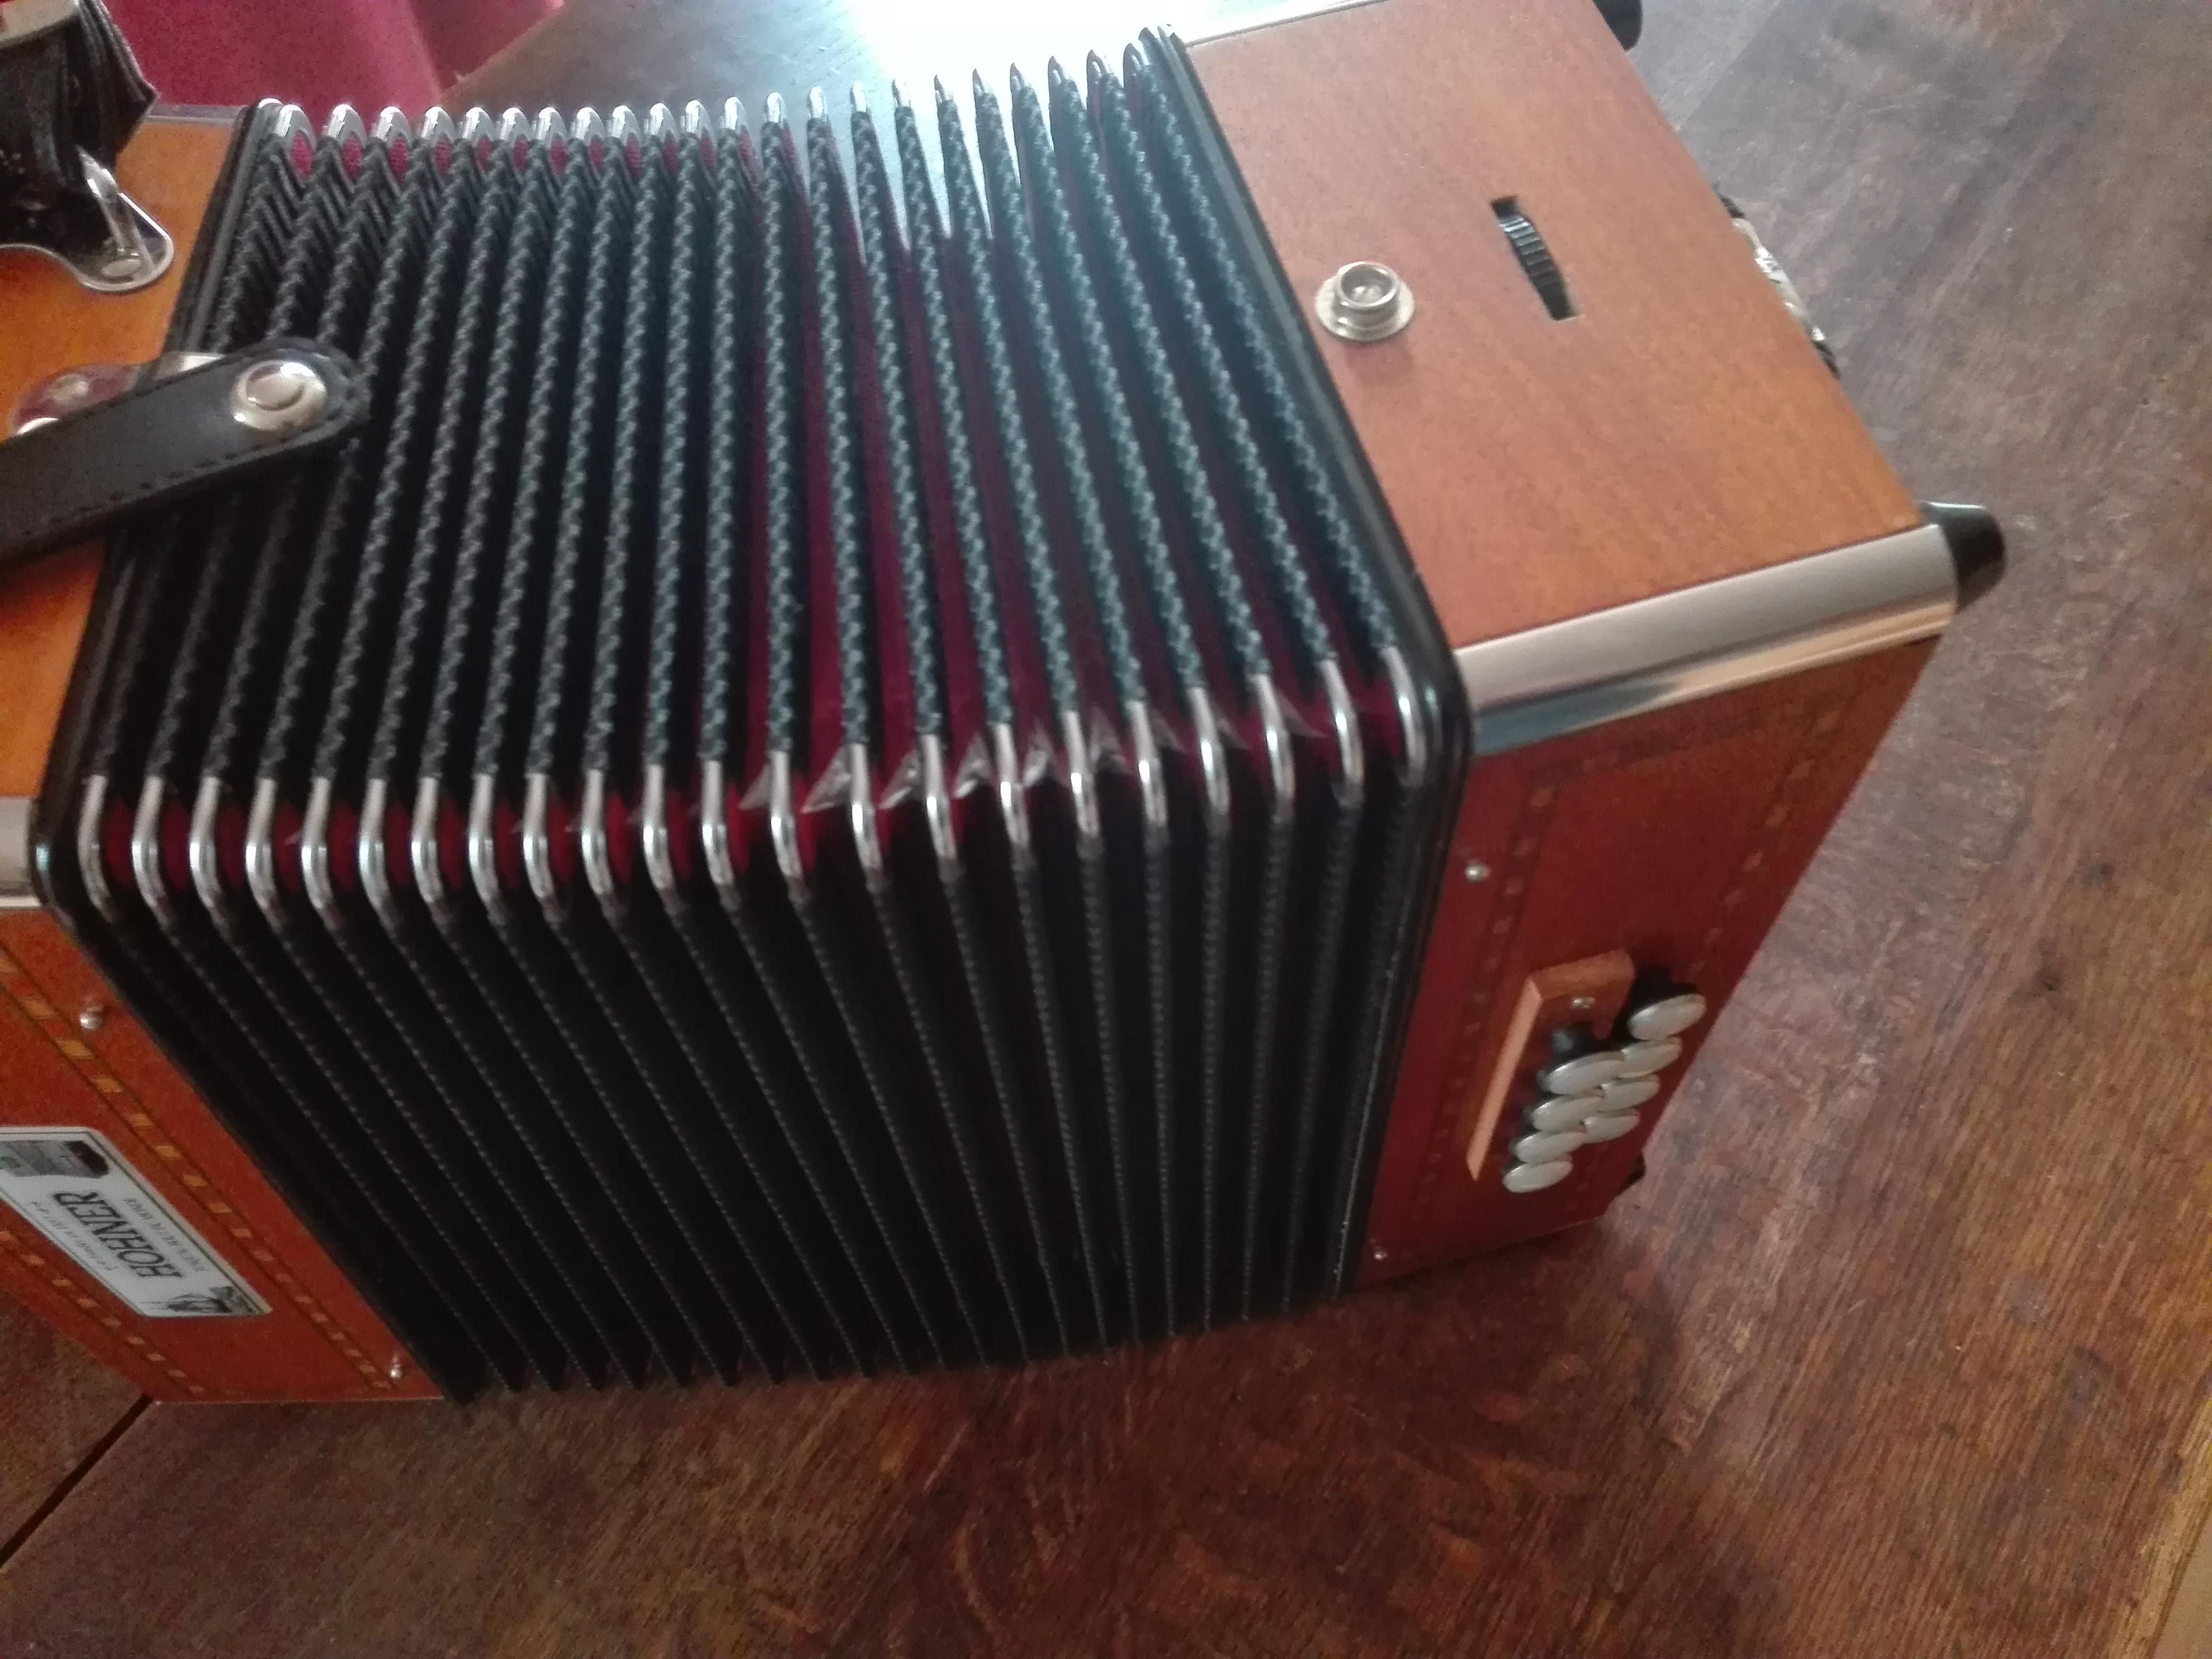 589adc9baeda6 Molette gauche d'un accordéon, Melodéon ou Diato ...